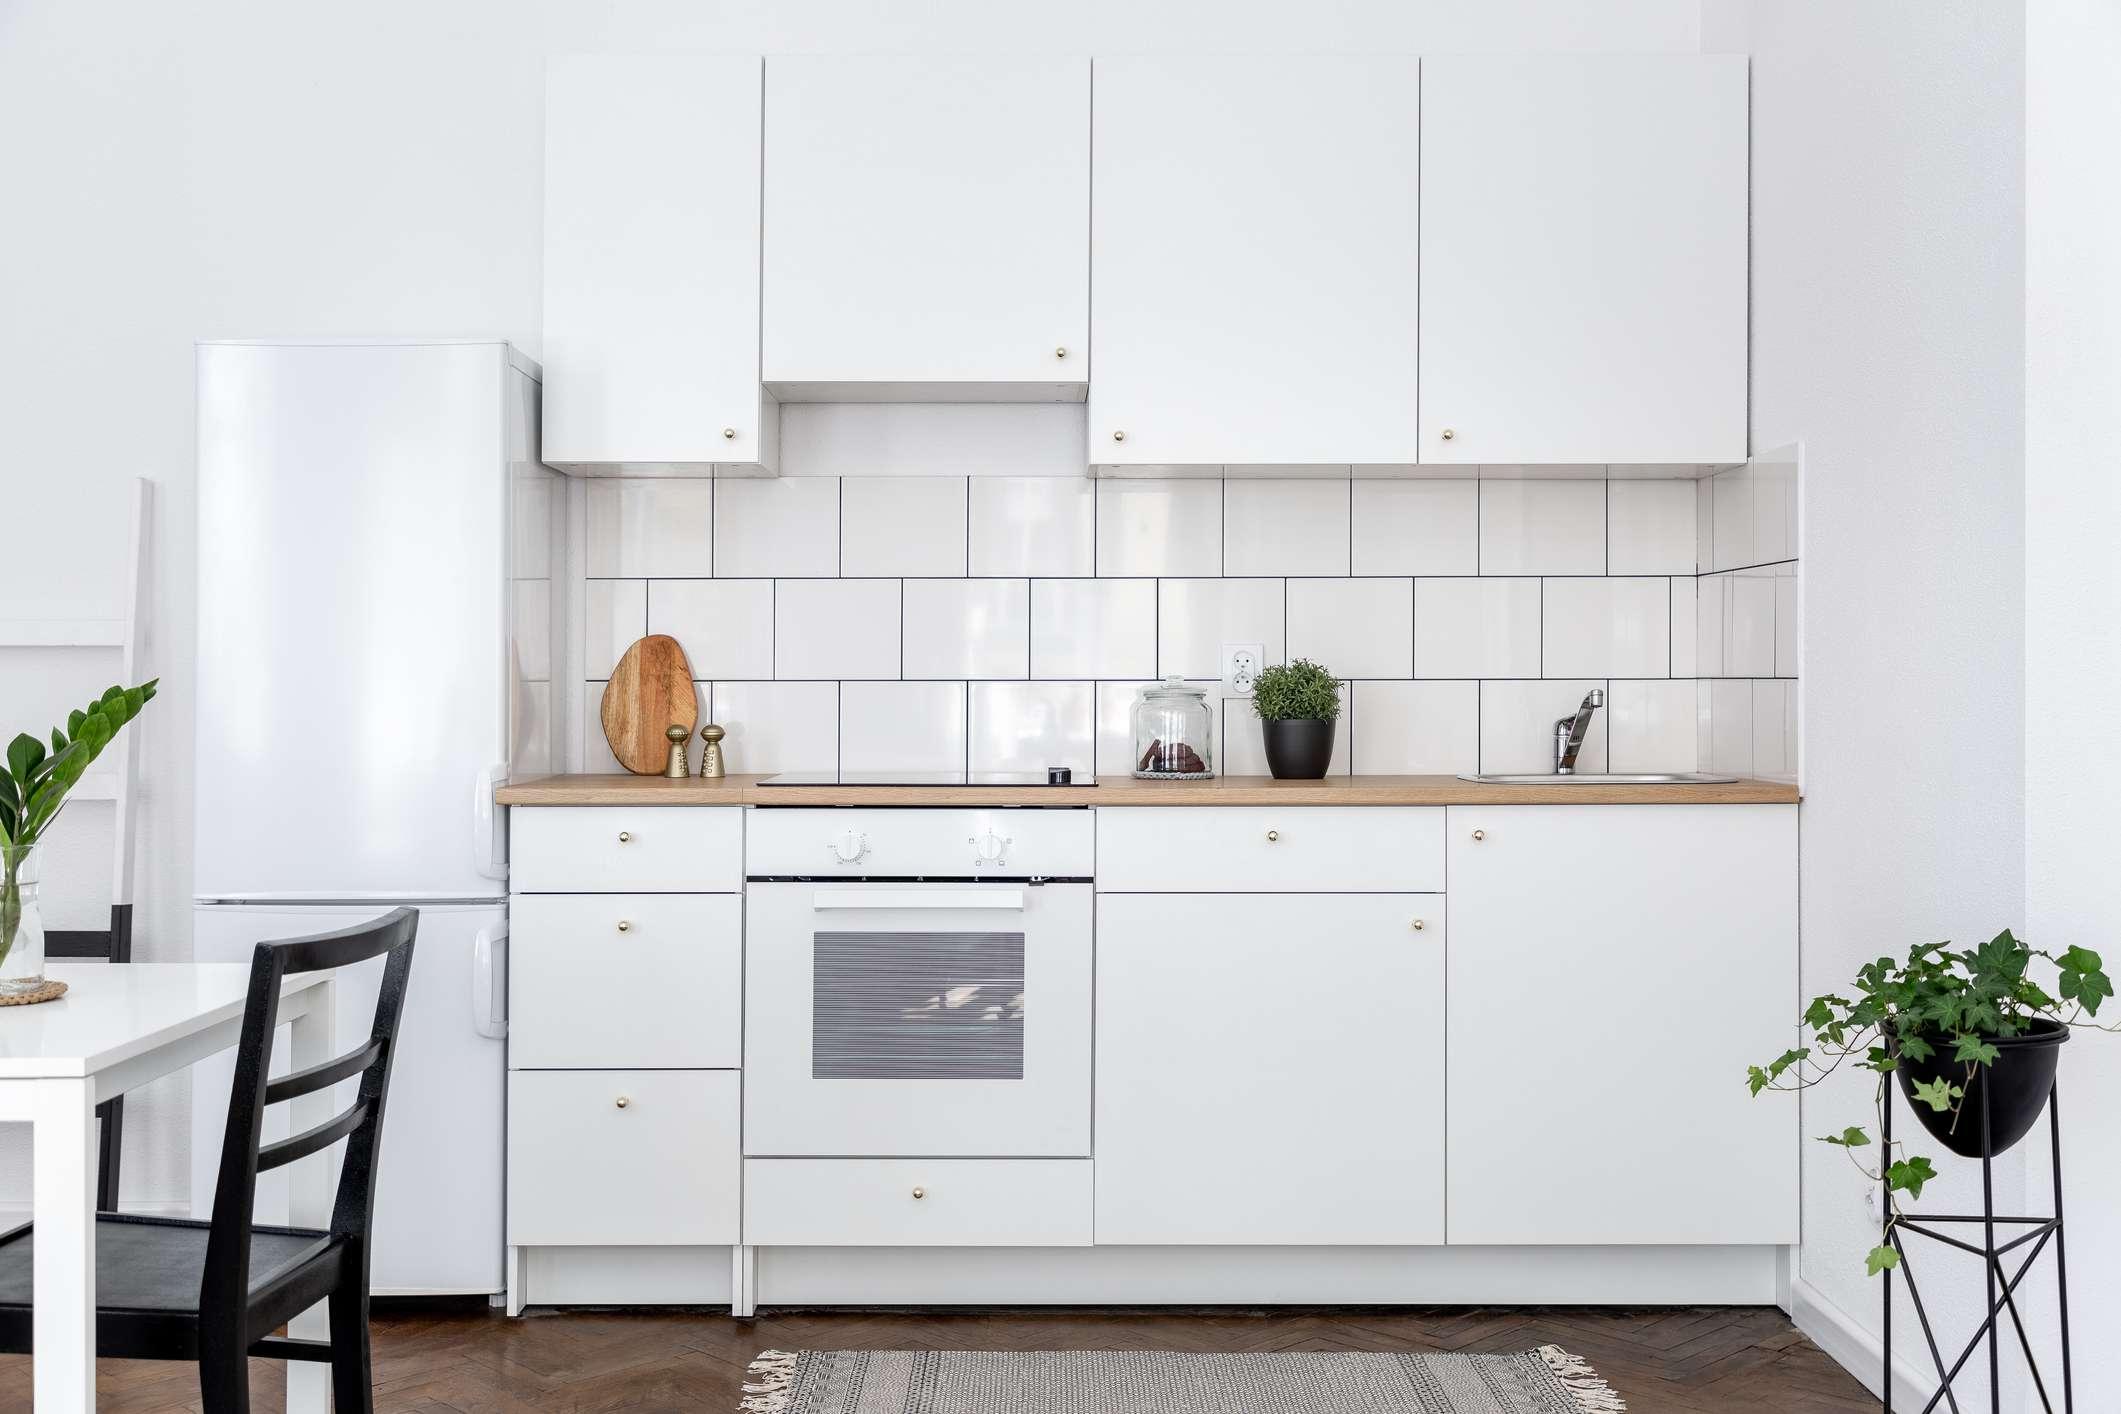 Stylish White Kitchen Appliances - White Appliance Ideas